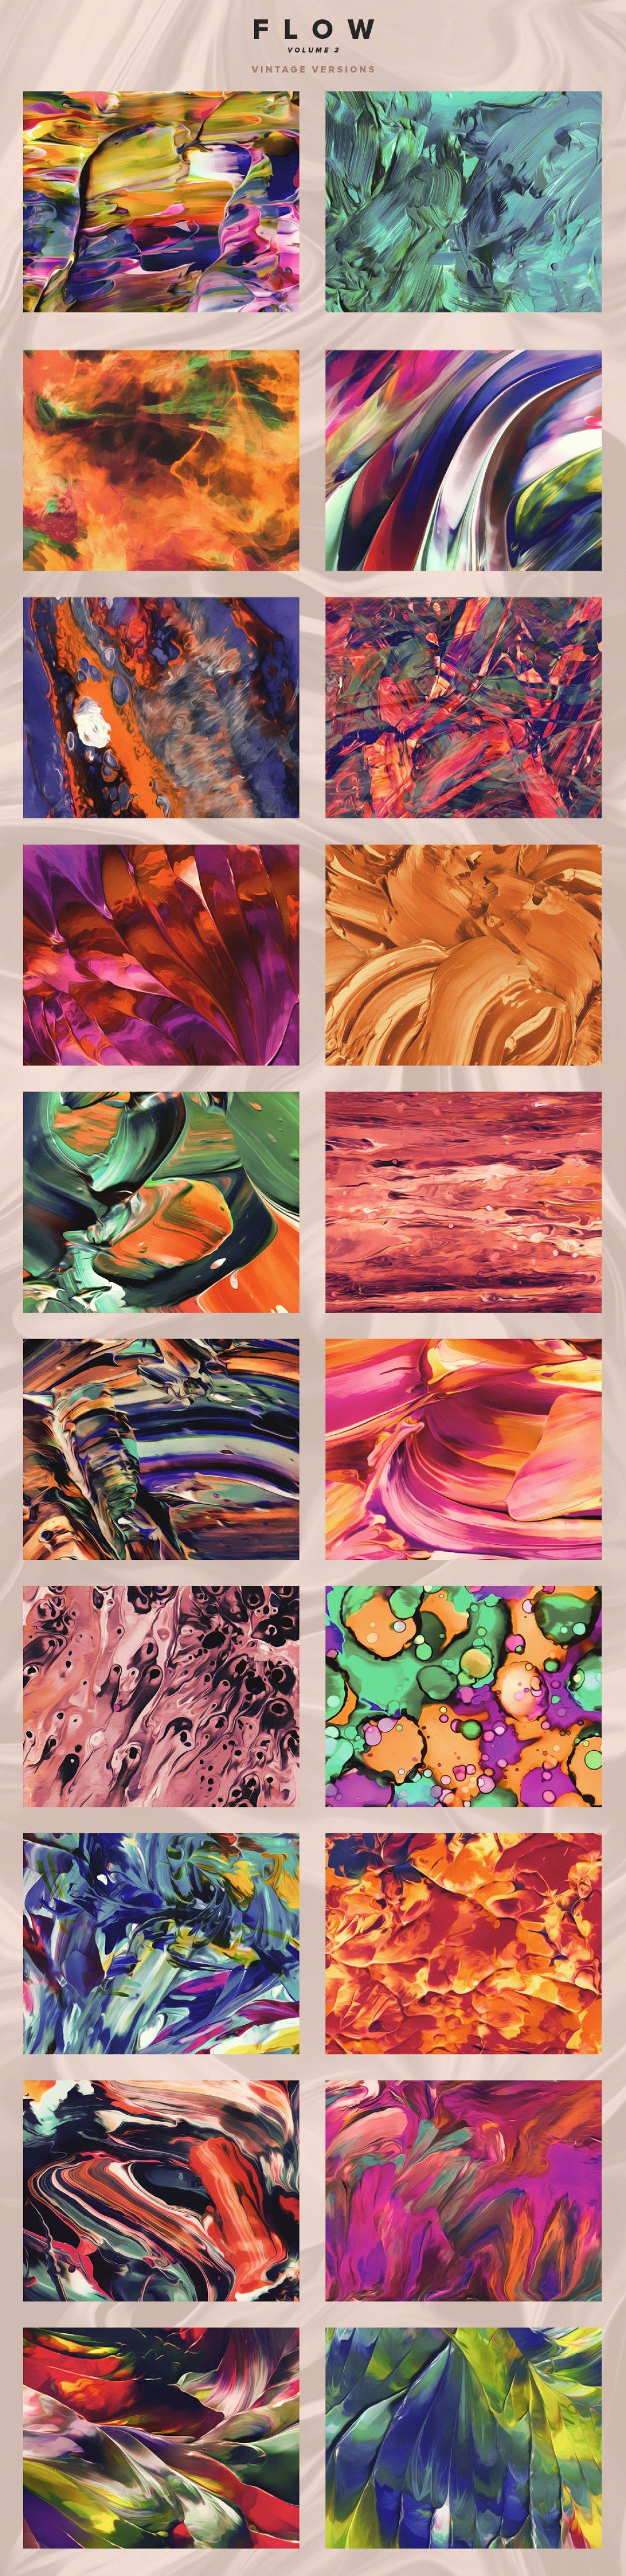 100 fluid paintings-14.jpg